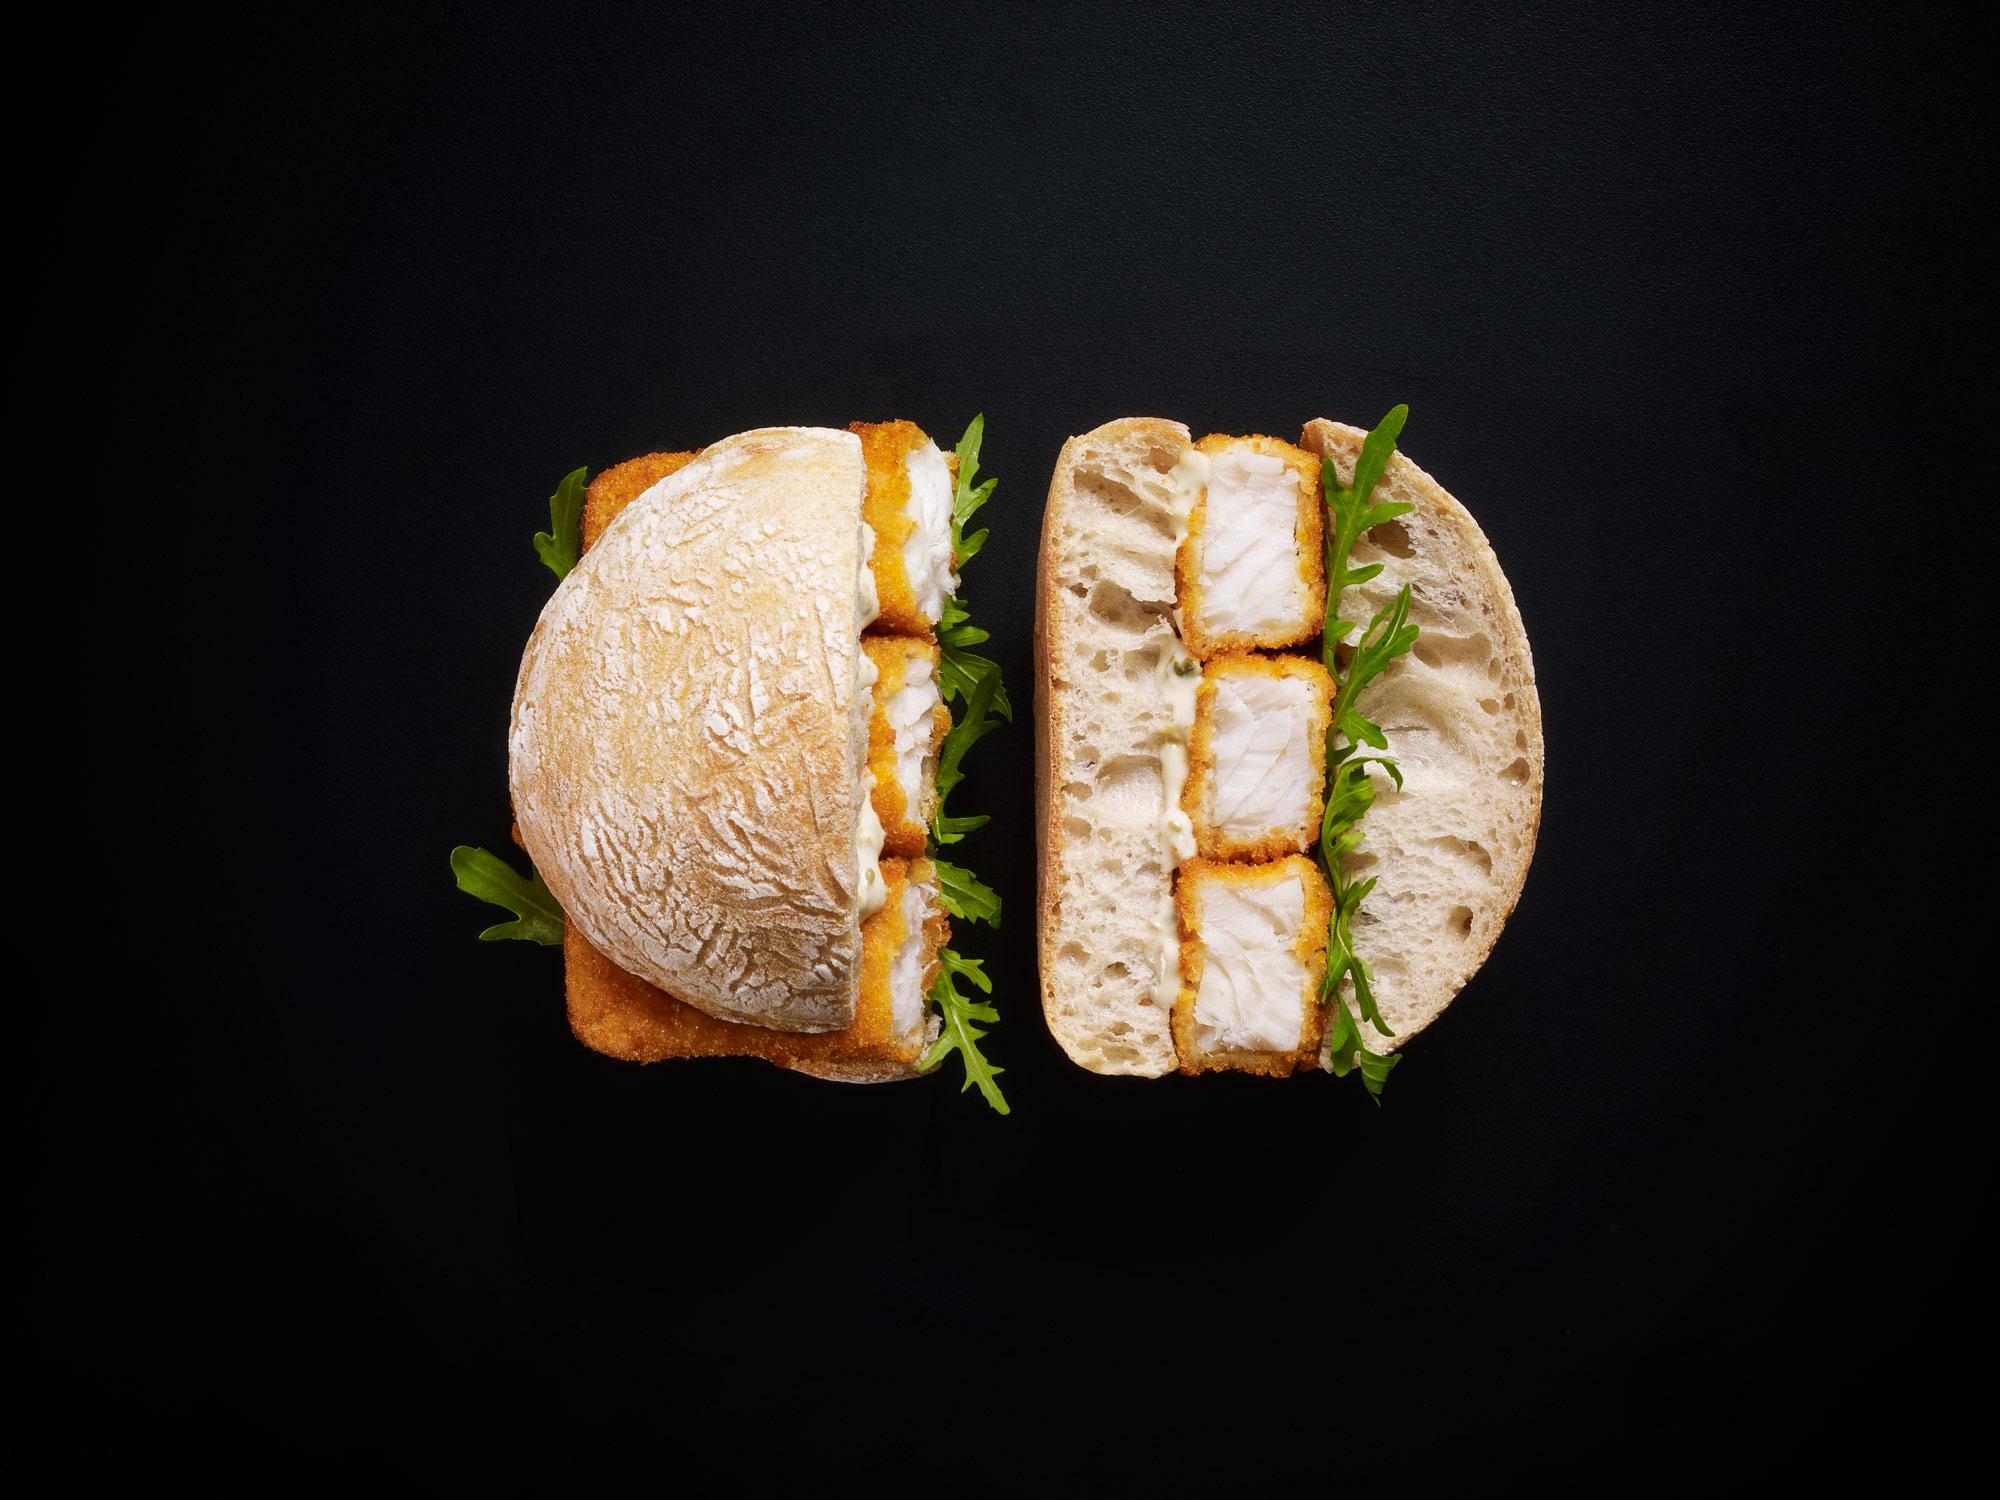 Stuart West - fishfinger sandwich